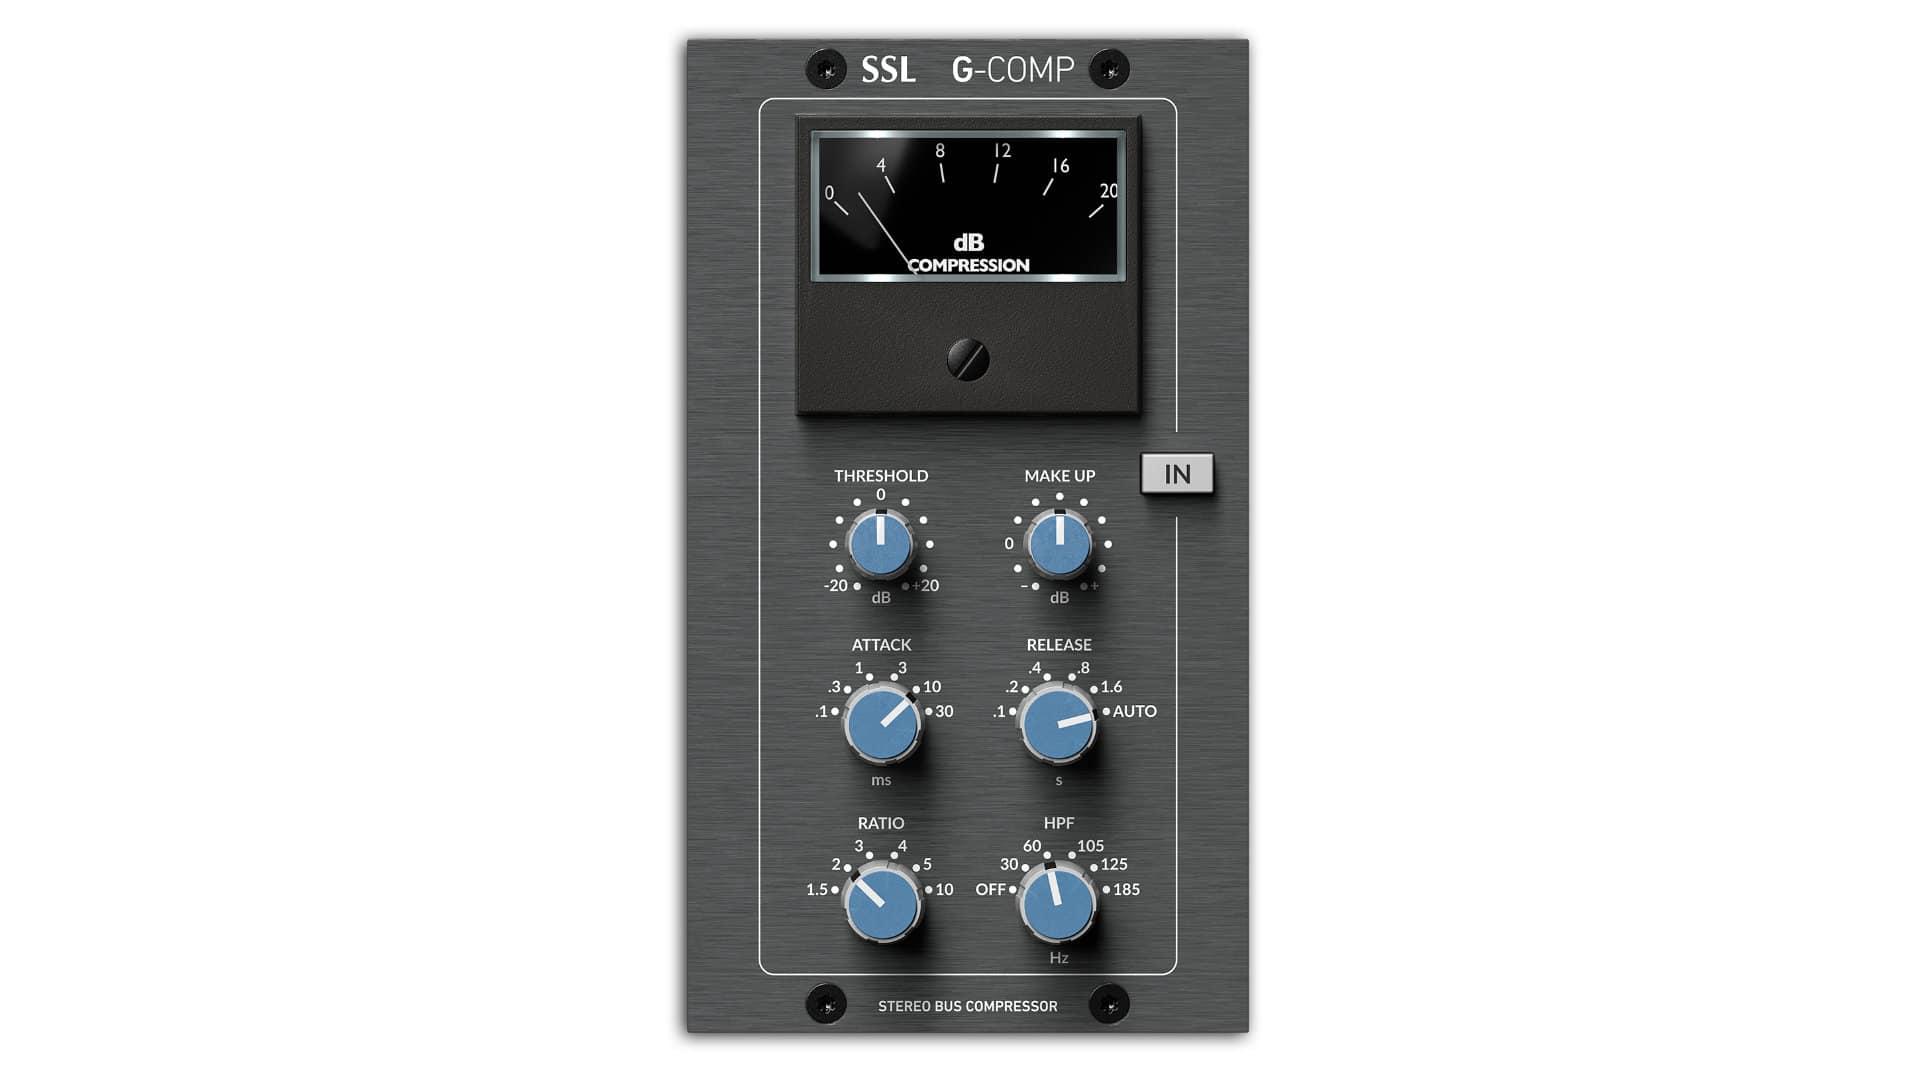 Stereo Bus Compressor - SSL G-Comp 500